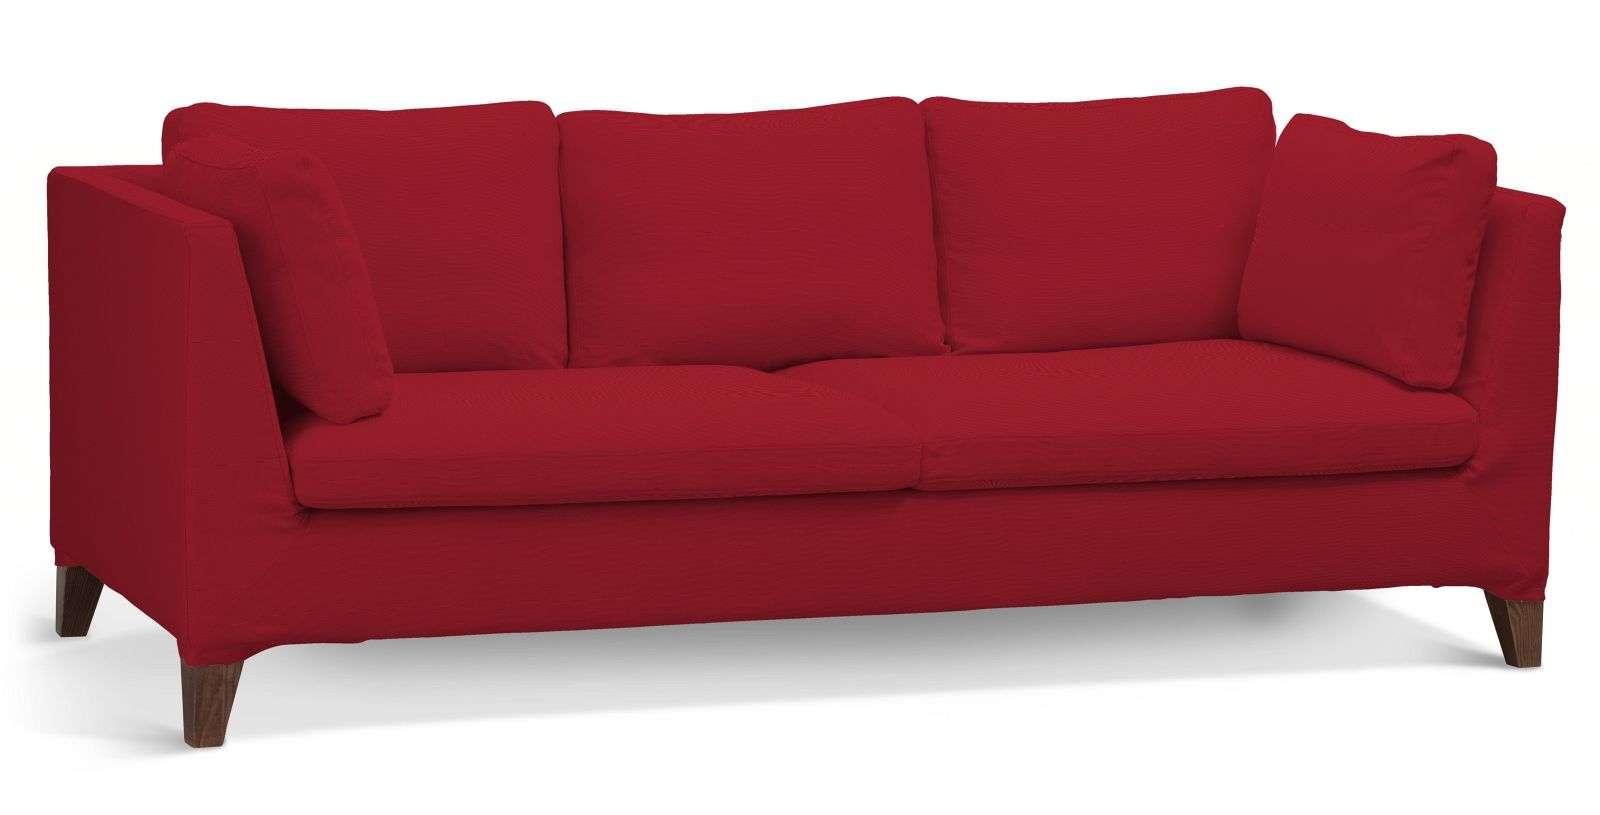 Pokrowiec na sofę Stockholm 3-osobową sofa Stockholm 3-osobowa w kolekcji Etna , tkanina: 705-60